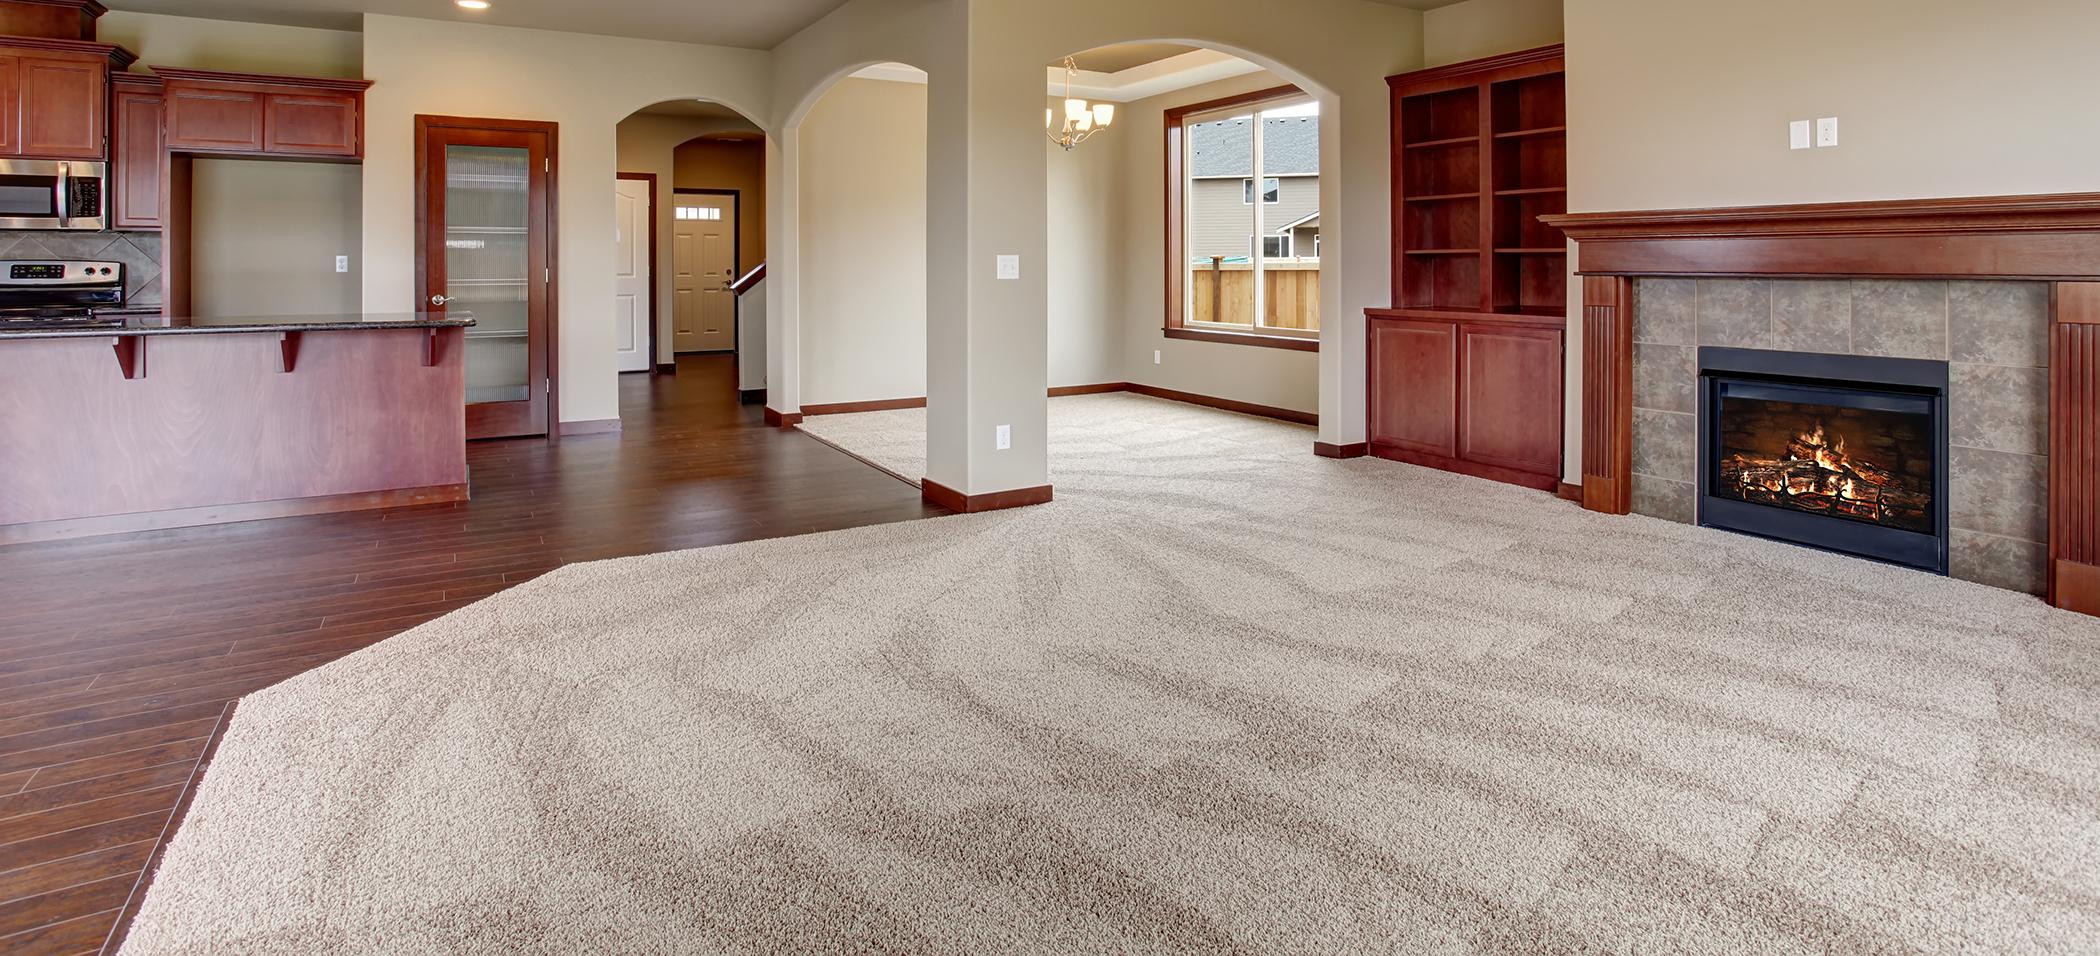 Los Altos Pro Carpet Cleaning Services